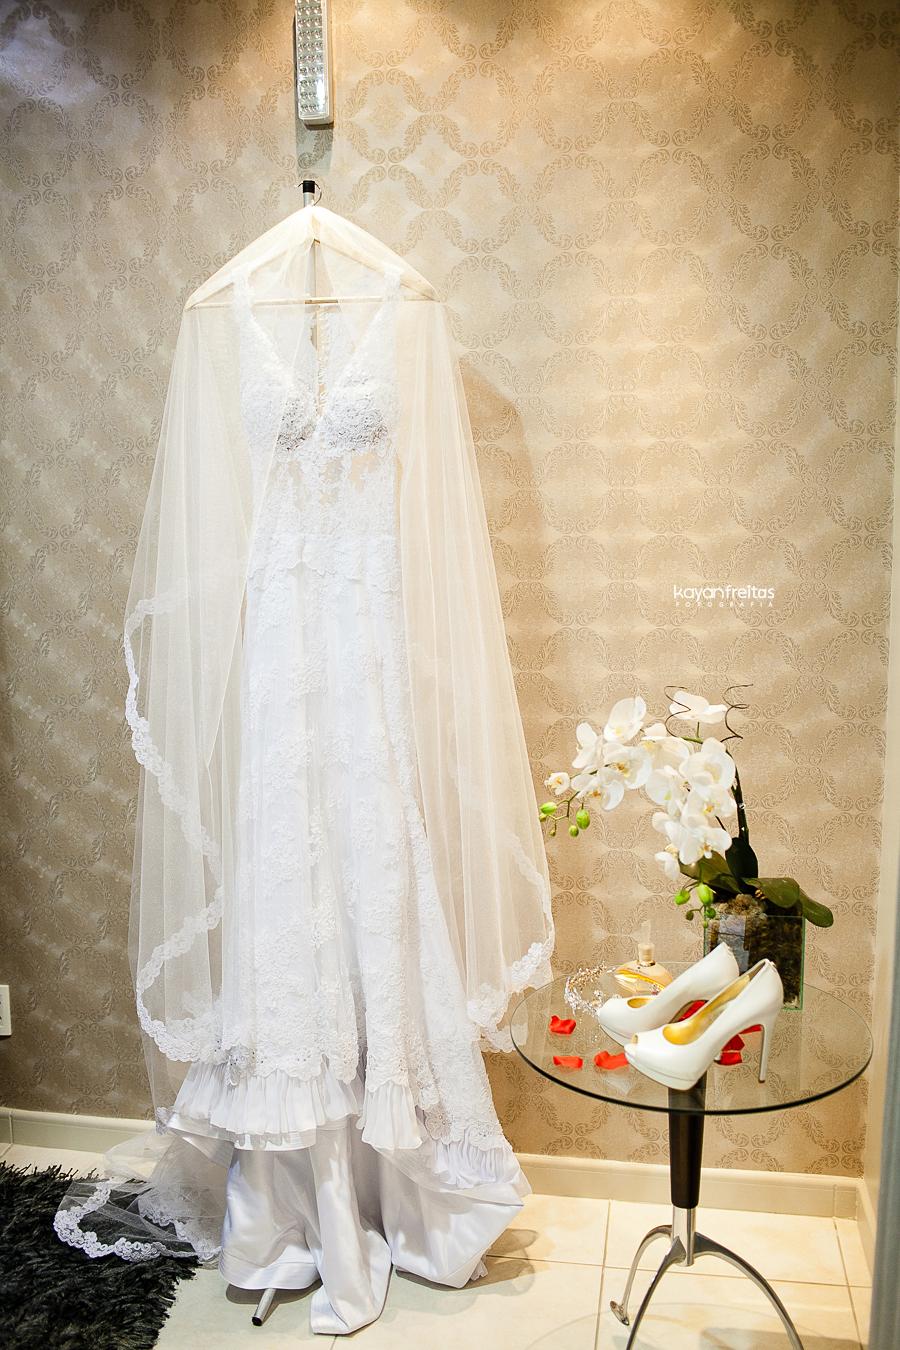 casamento-acm-florianopolis-lea-0001 Casamento em Florianópolis - Liseane e Alberto - ACM